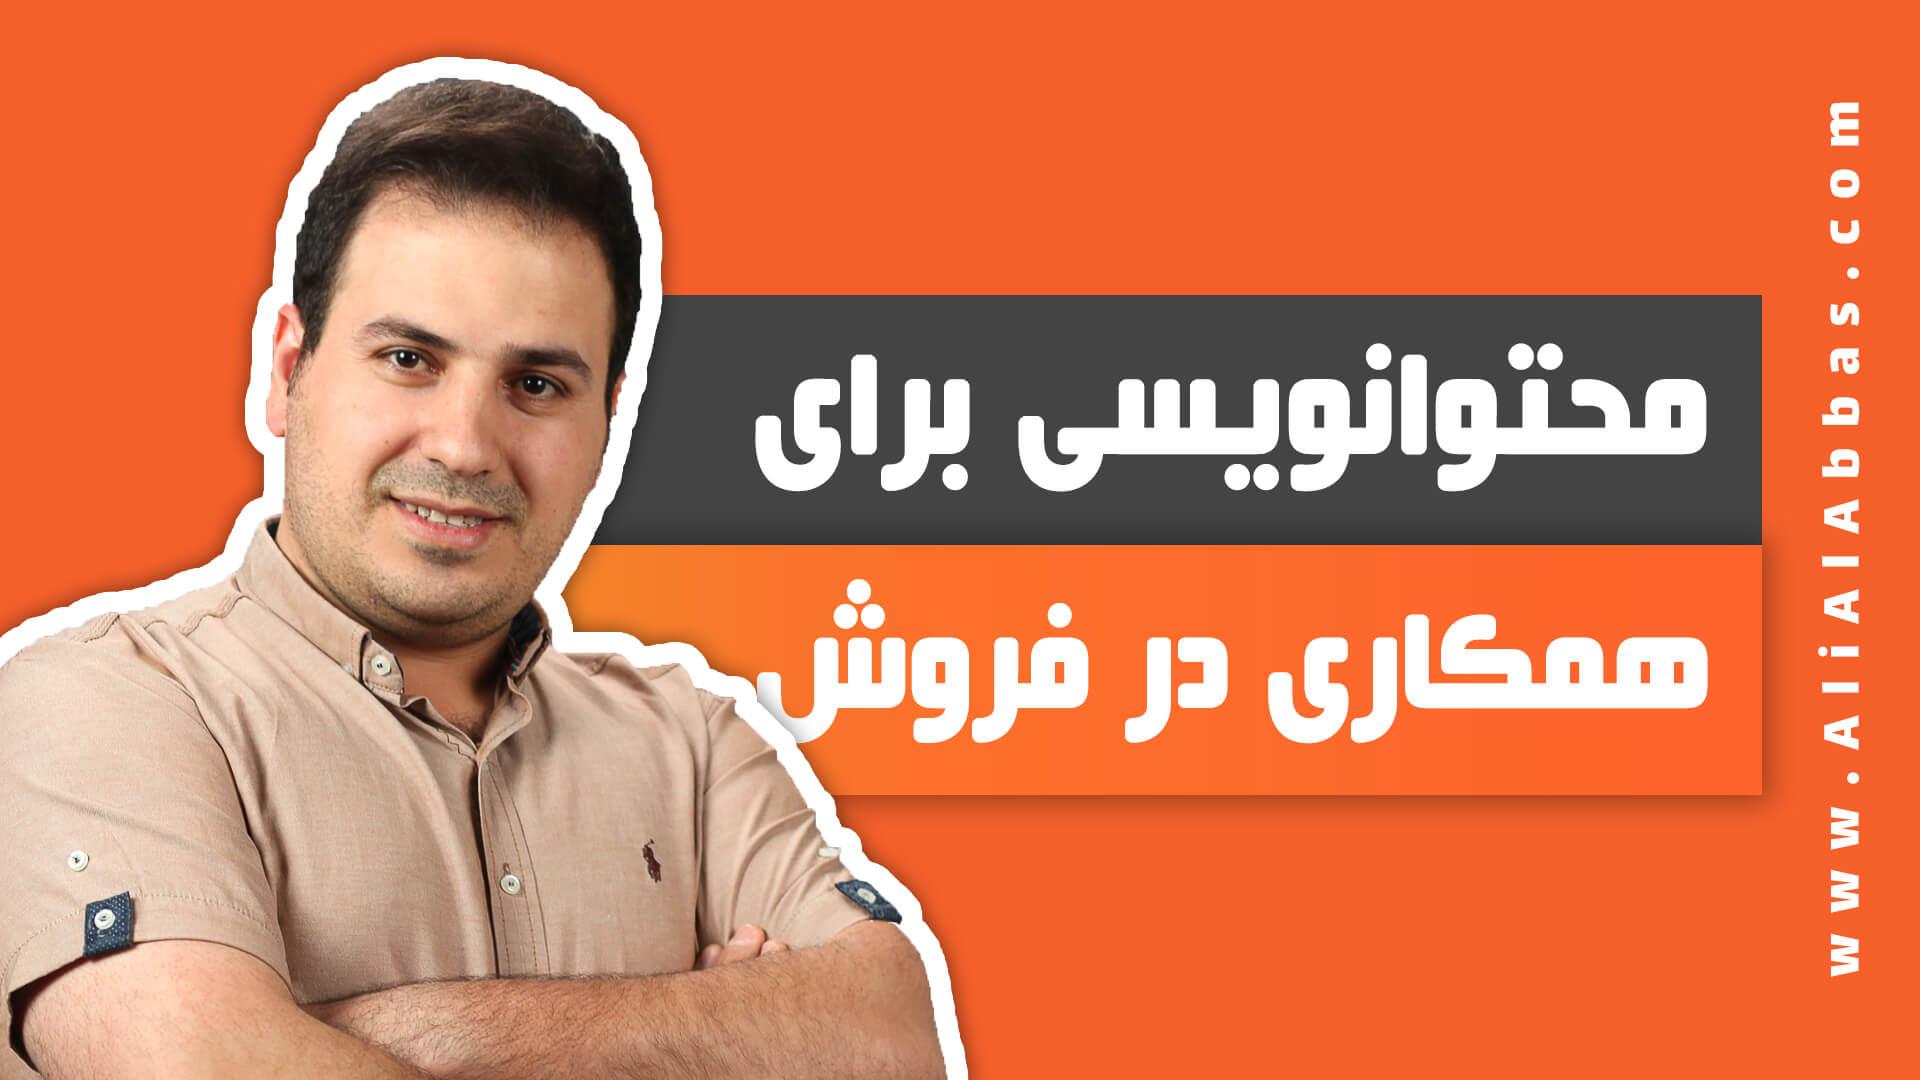 علی آل عباس - محتوانویسی برای همکاری در فروش